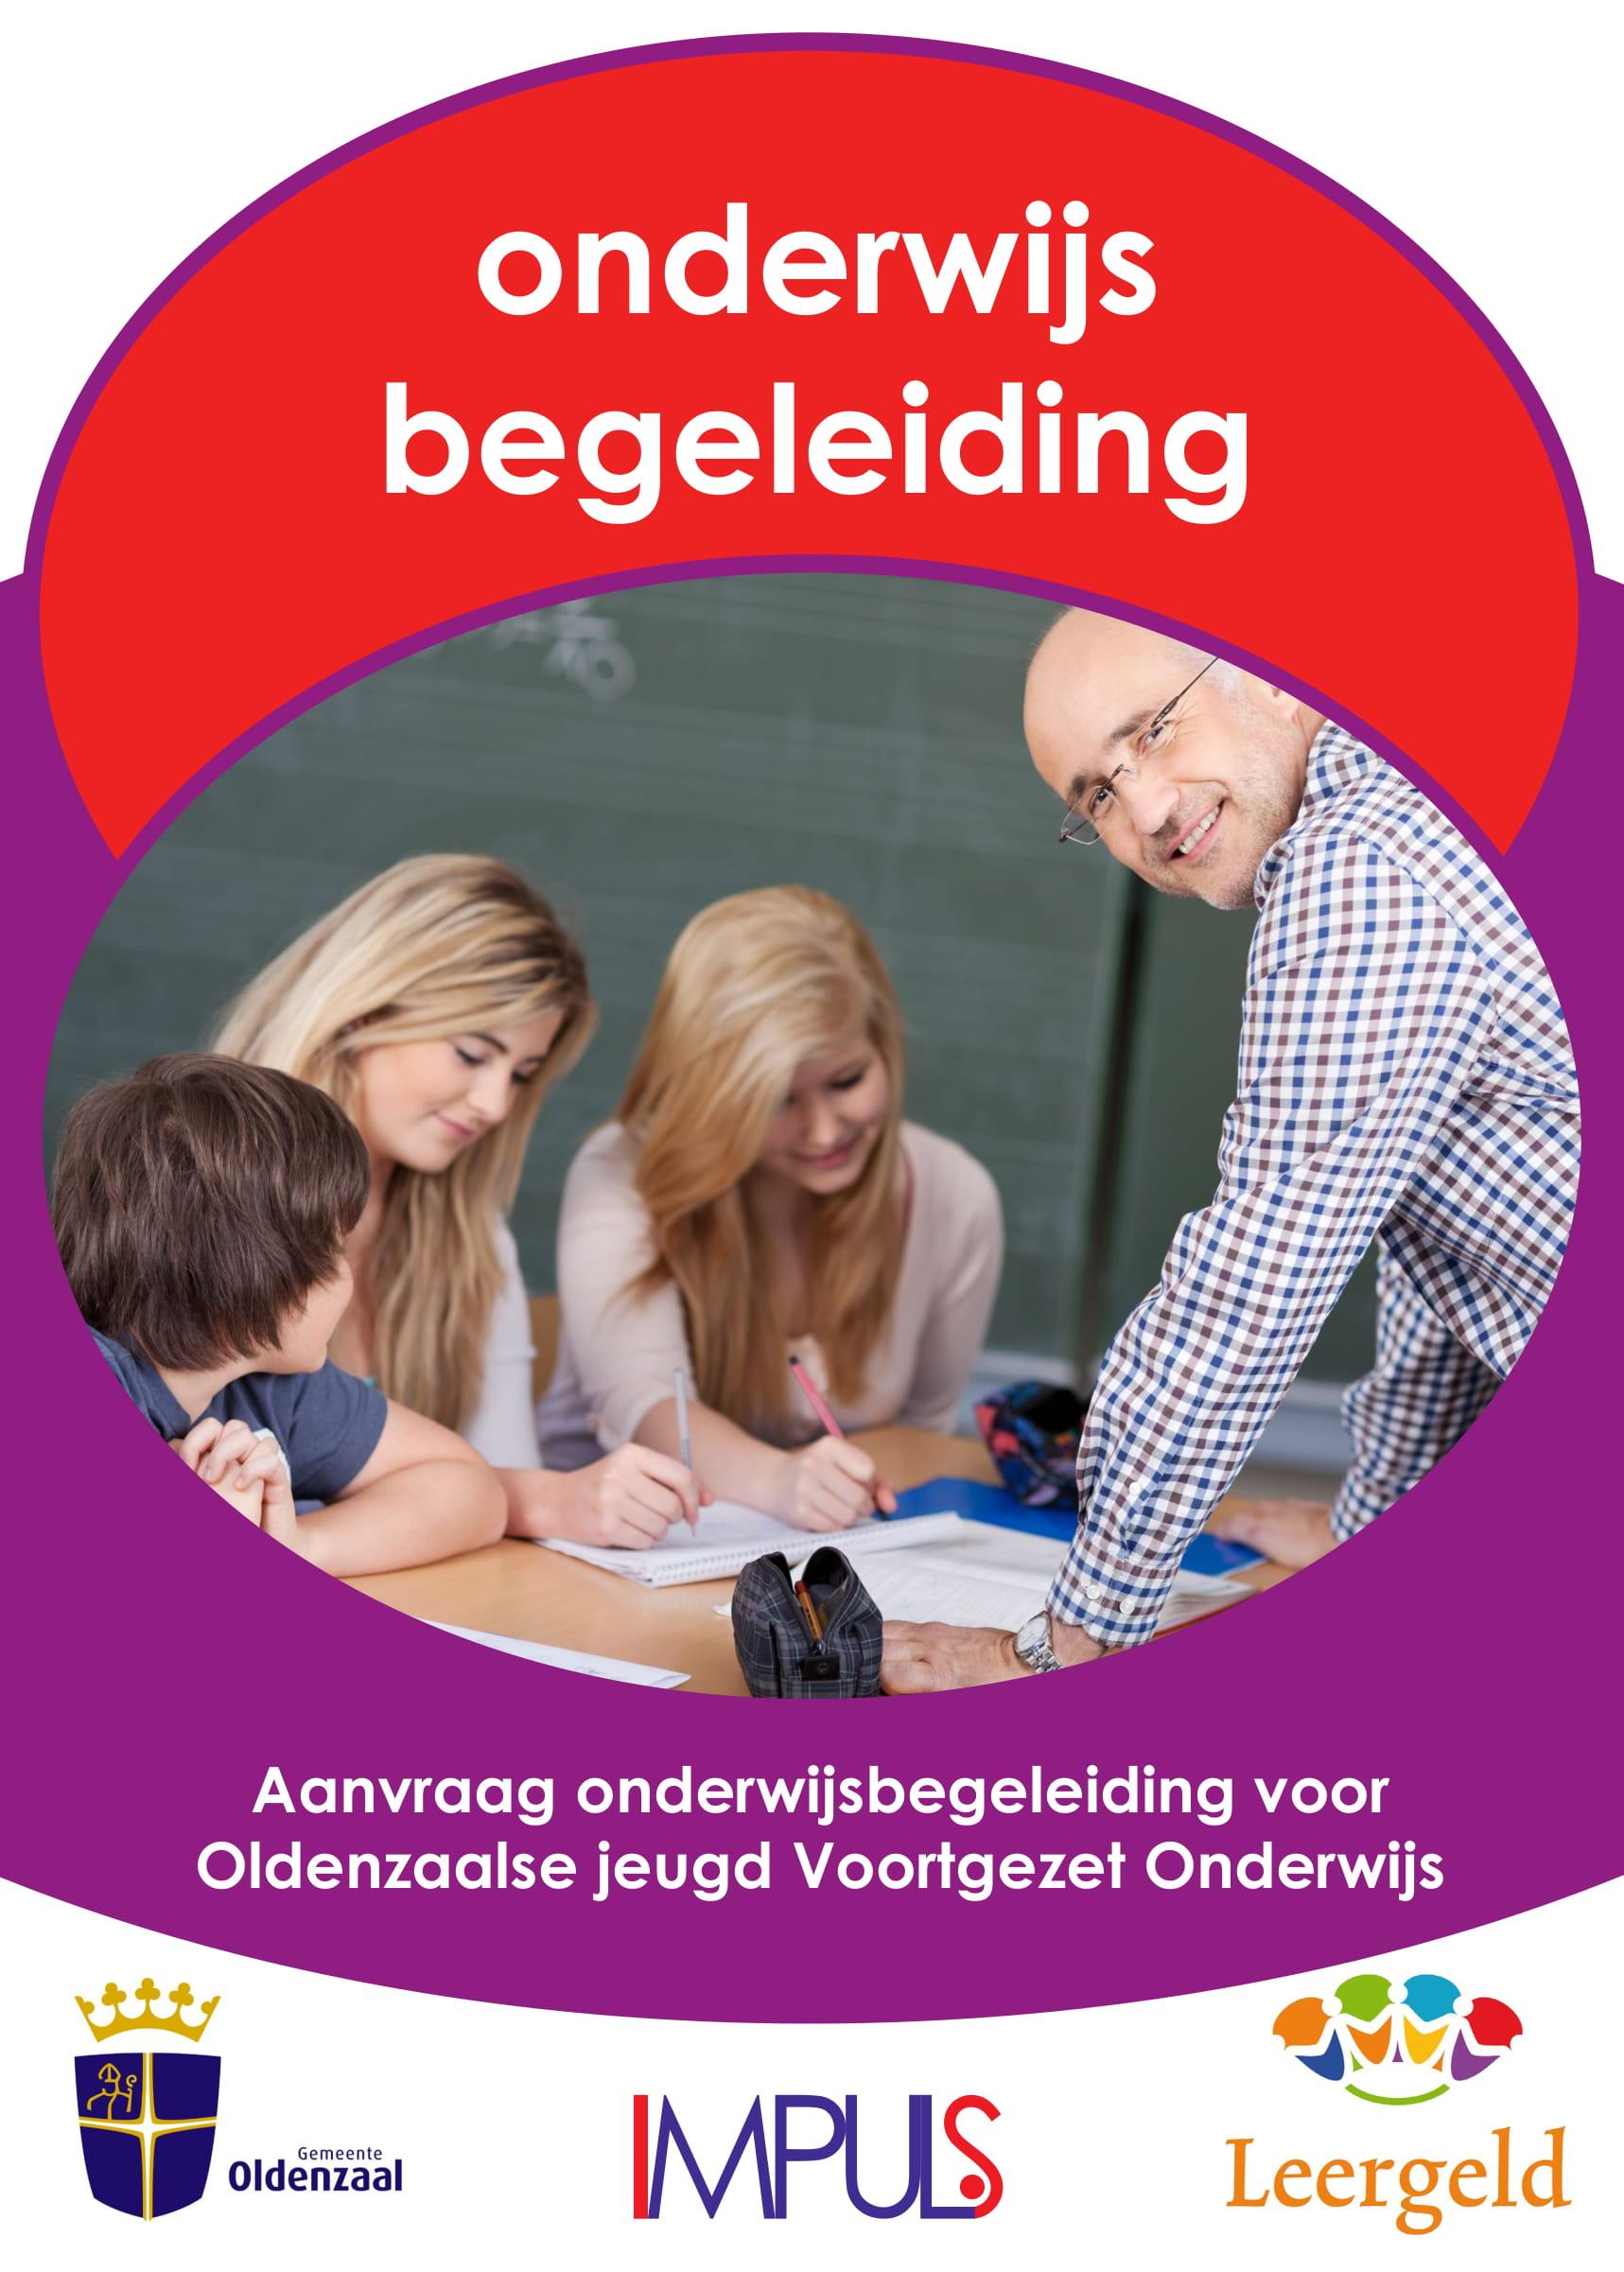 onderwijsbegeleiding leergeld-1.jpg